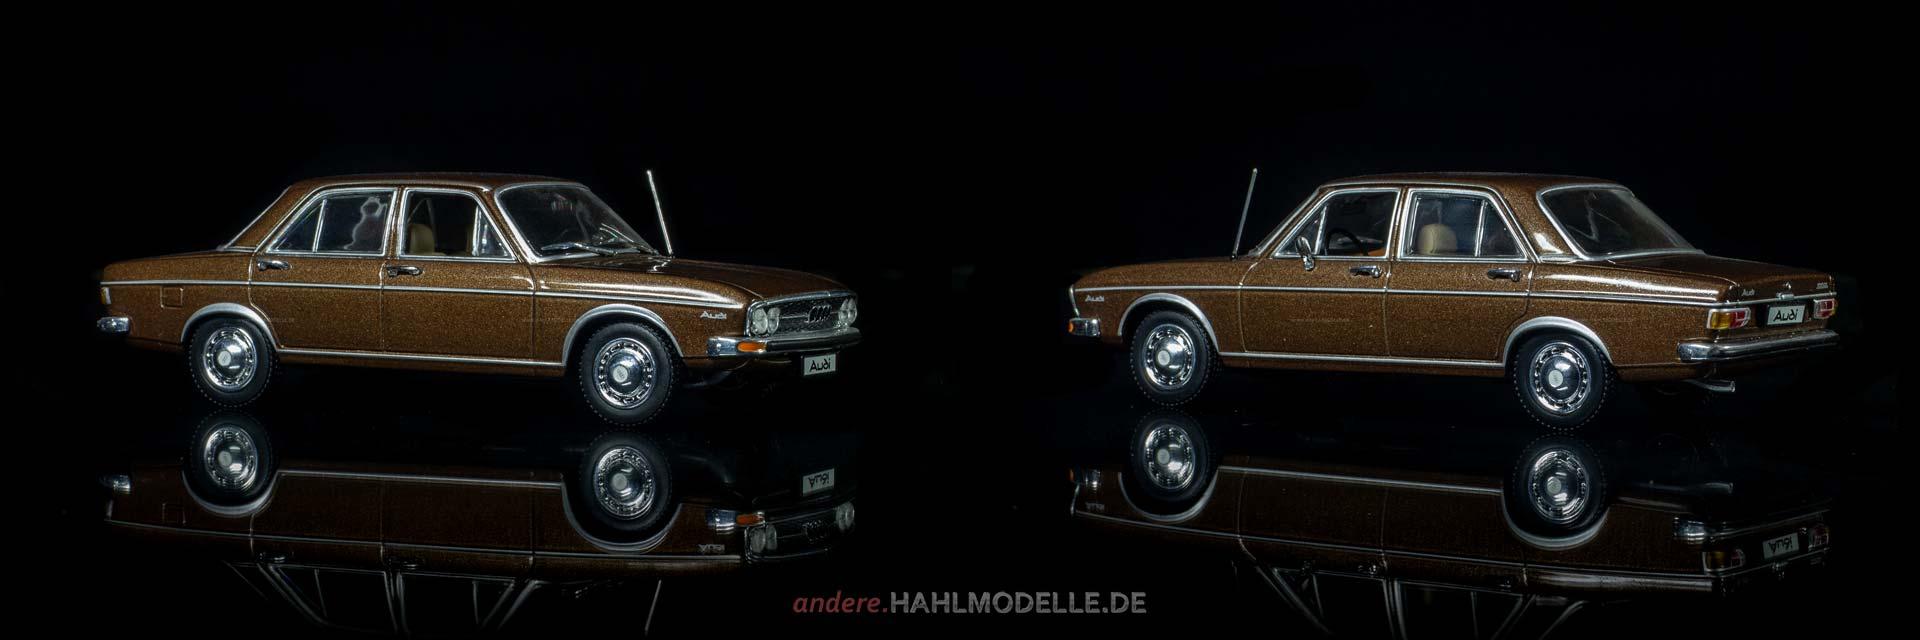 Audi 100 C1 | Limousine | Minichamps | www.andere.hahlmodelle.de